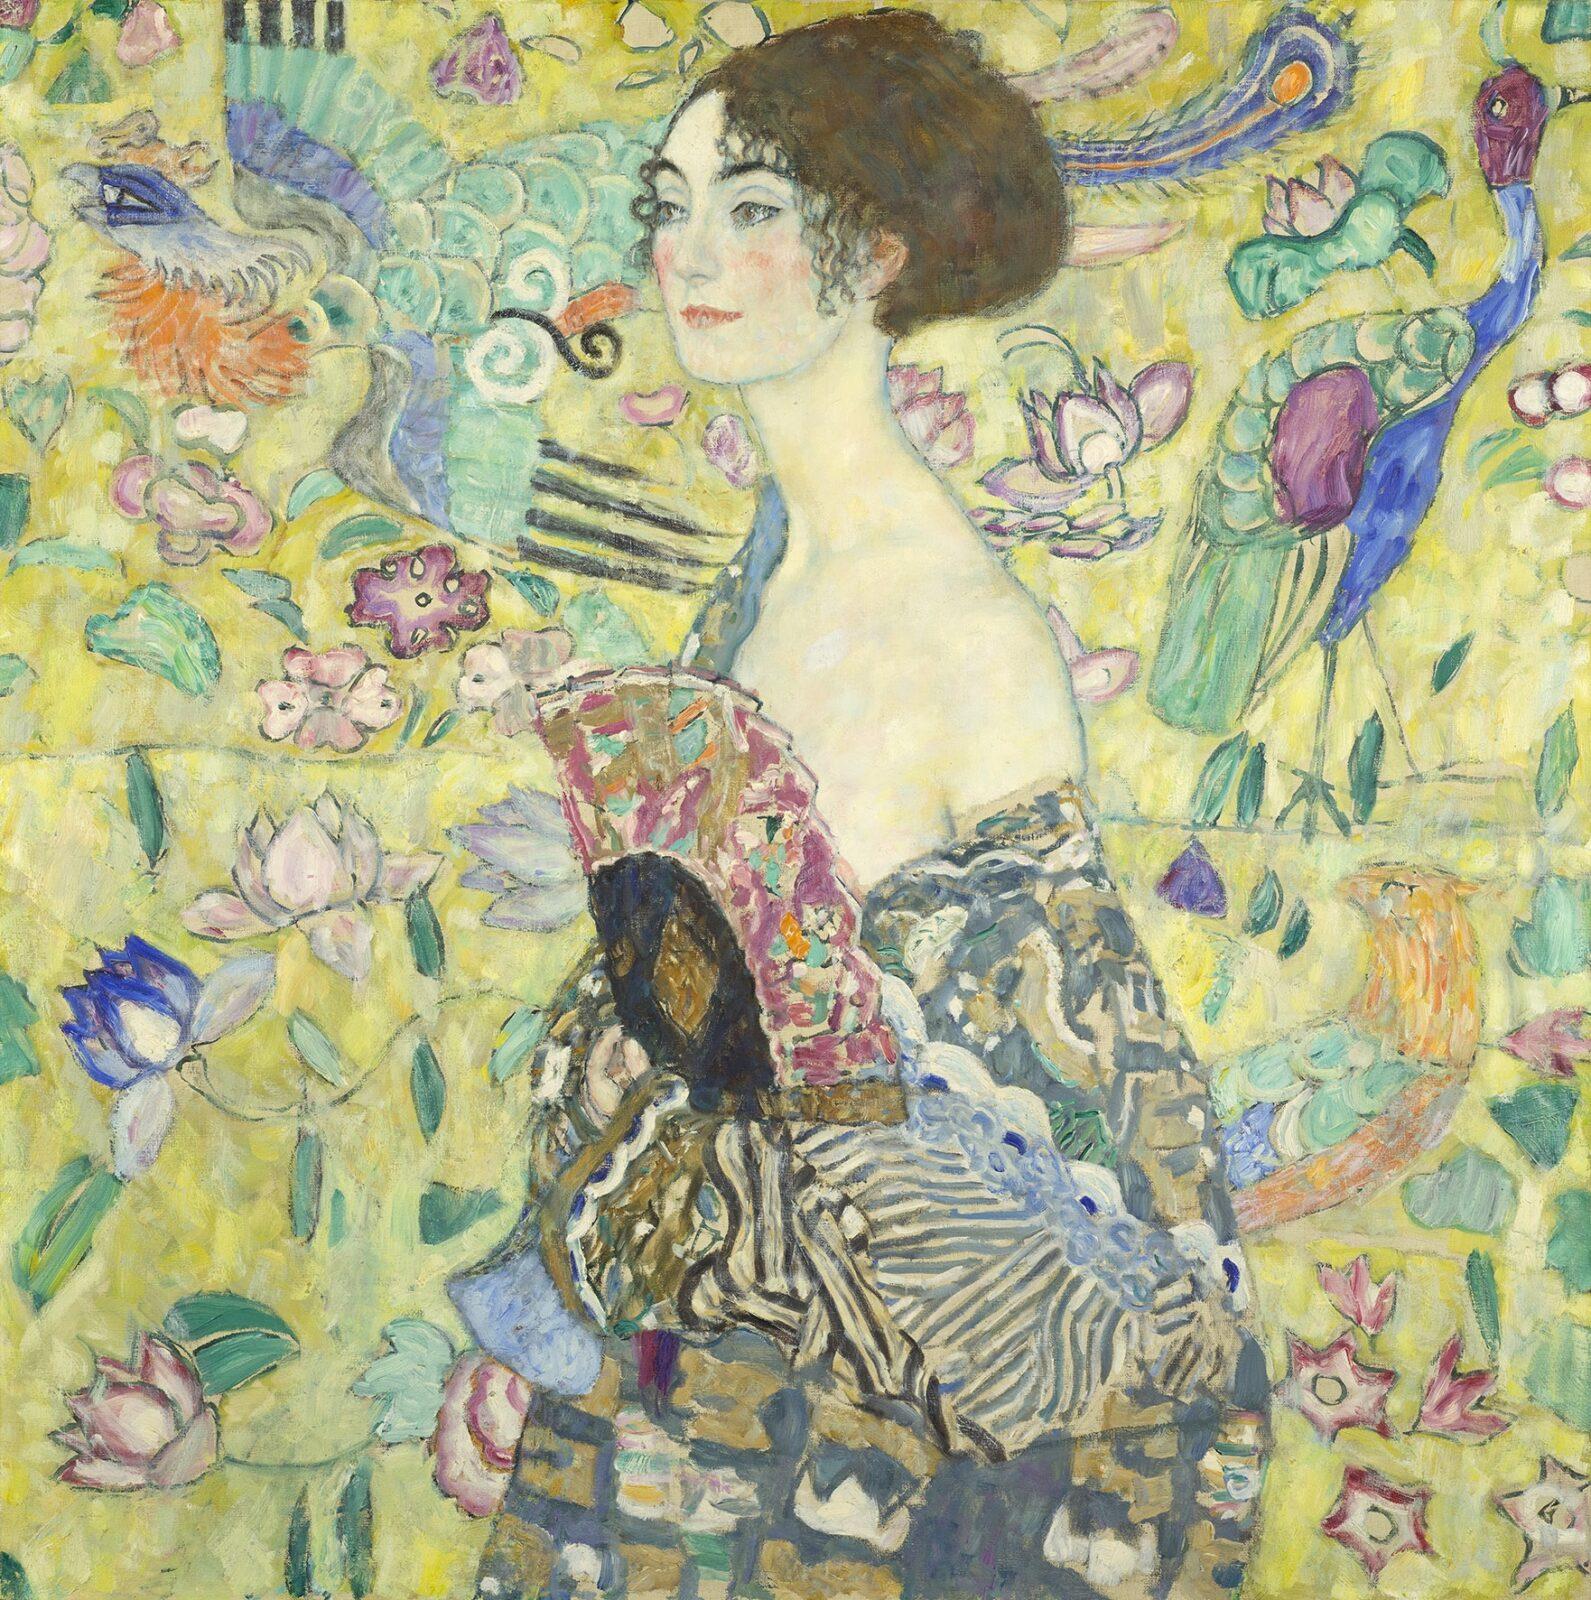 Obraz Klimta po 100 latach znowu w wiedeńskim Belwederze